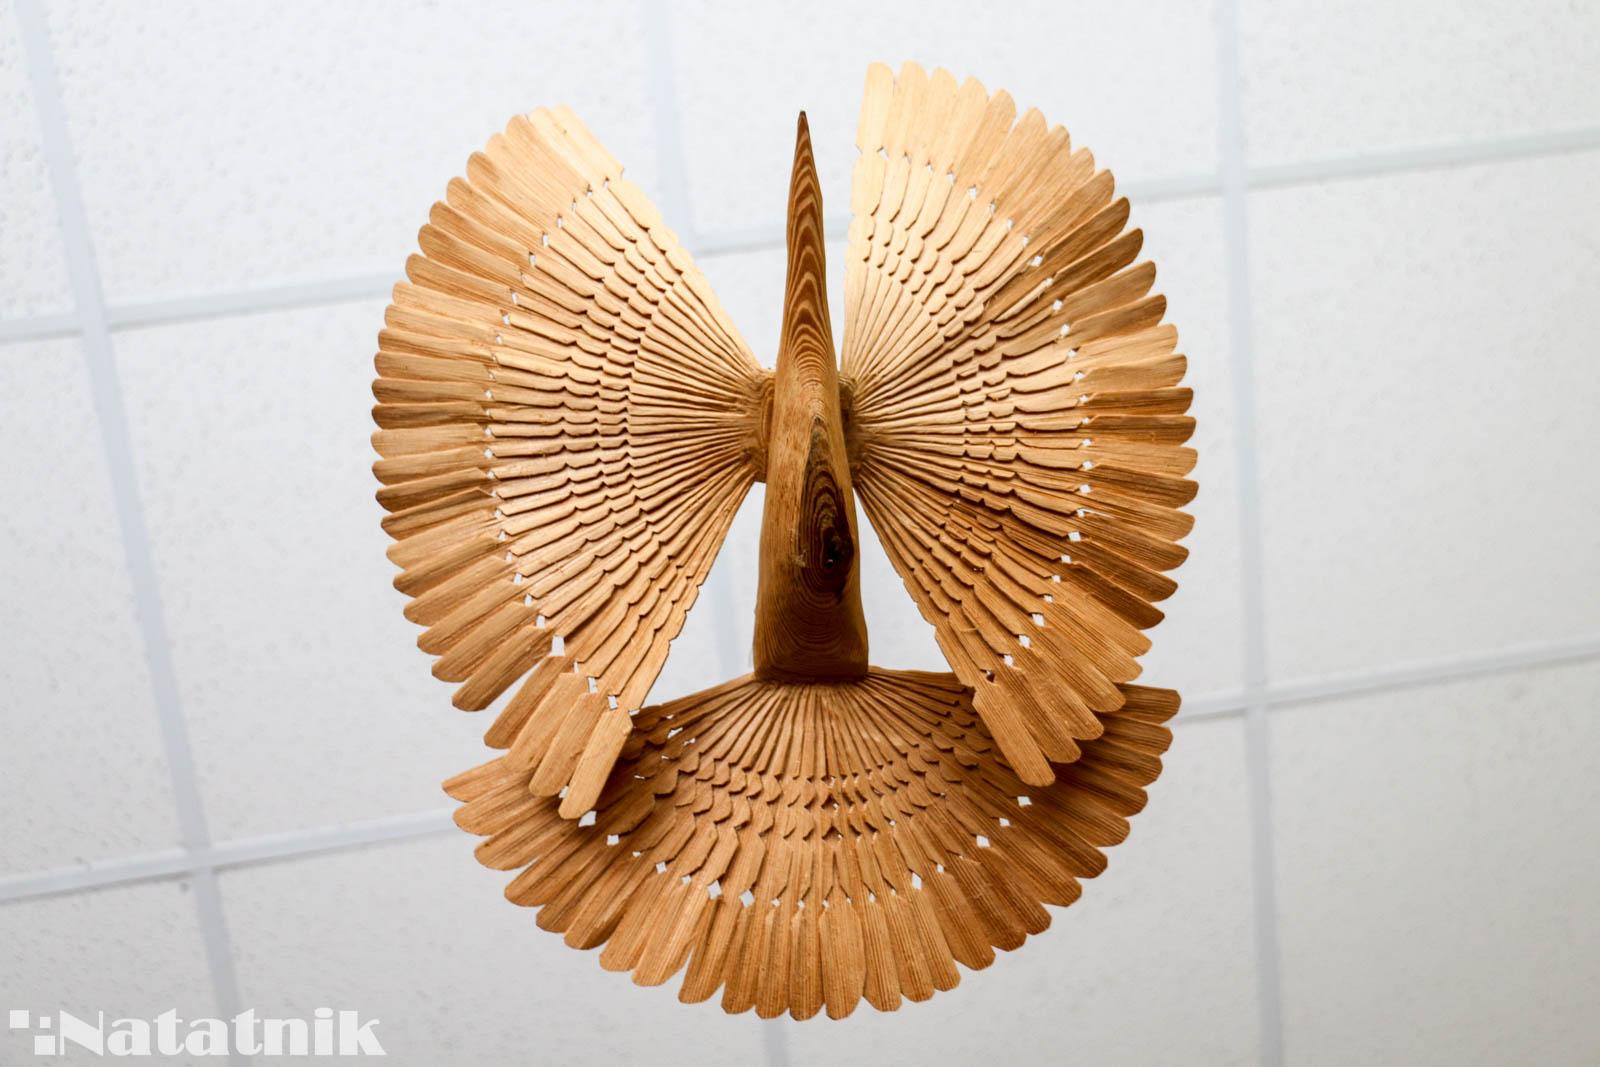 Берёза, центр ремёсел, изделие из дерева, щеповая птица, символ